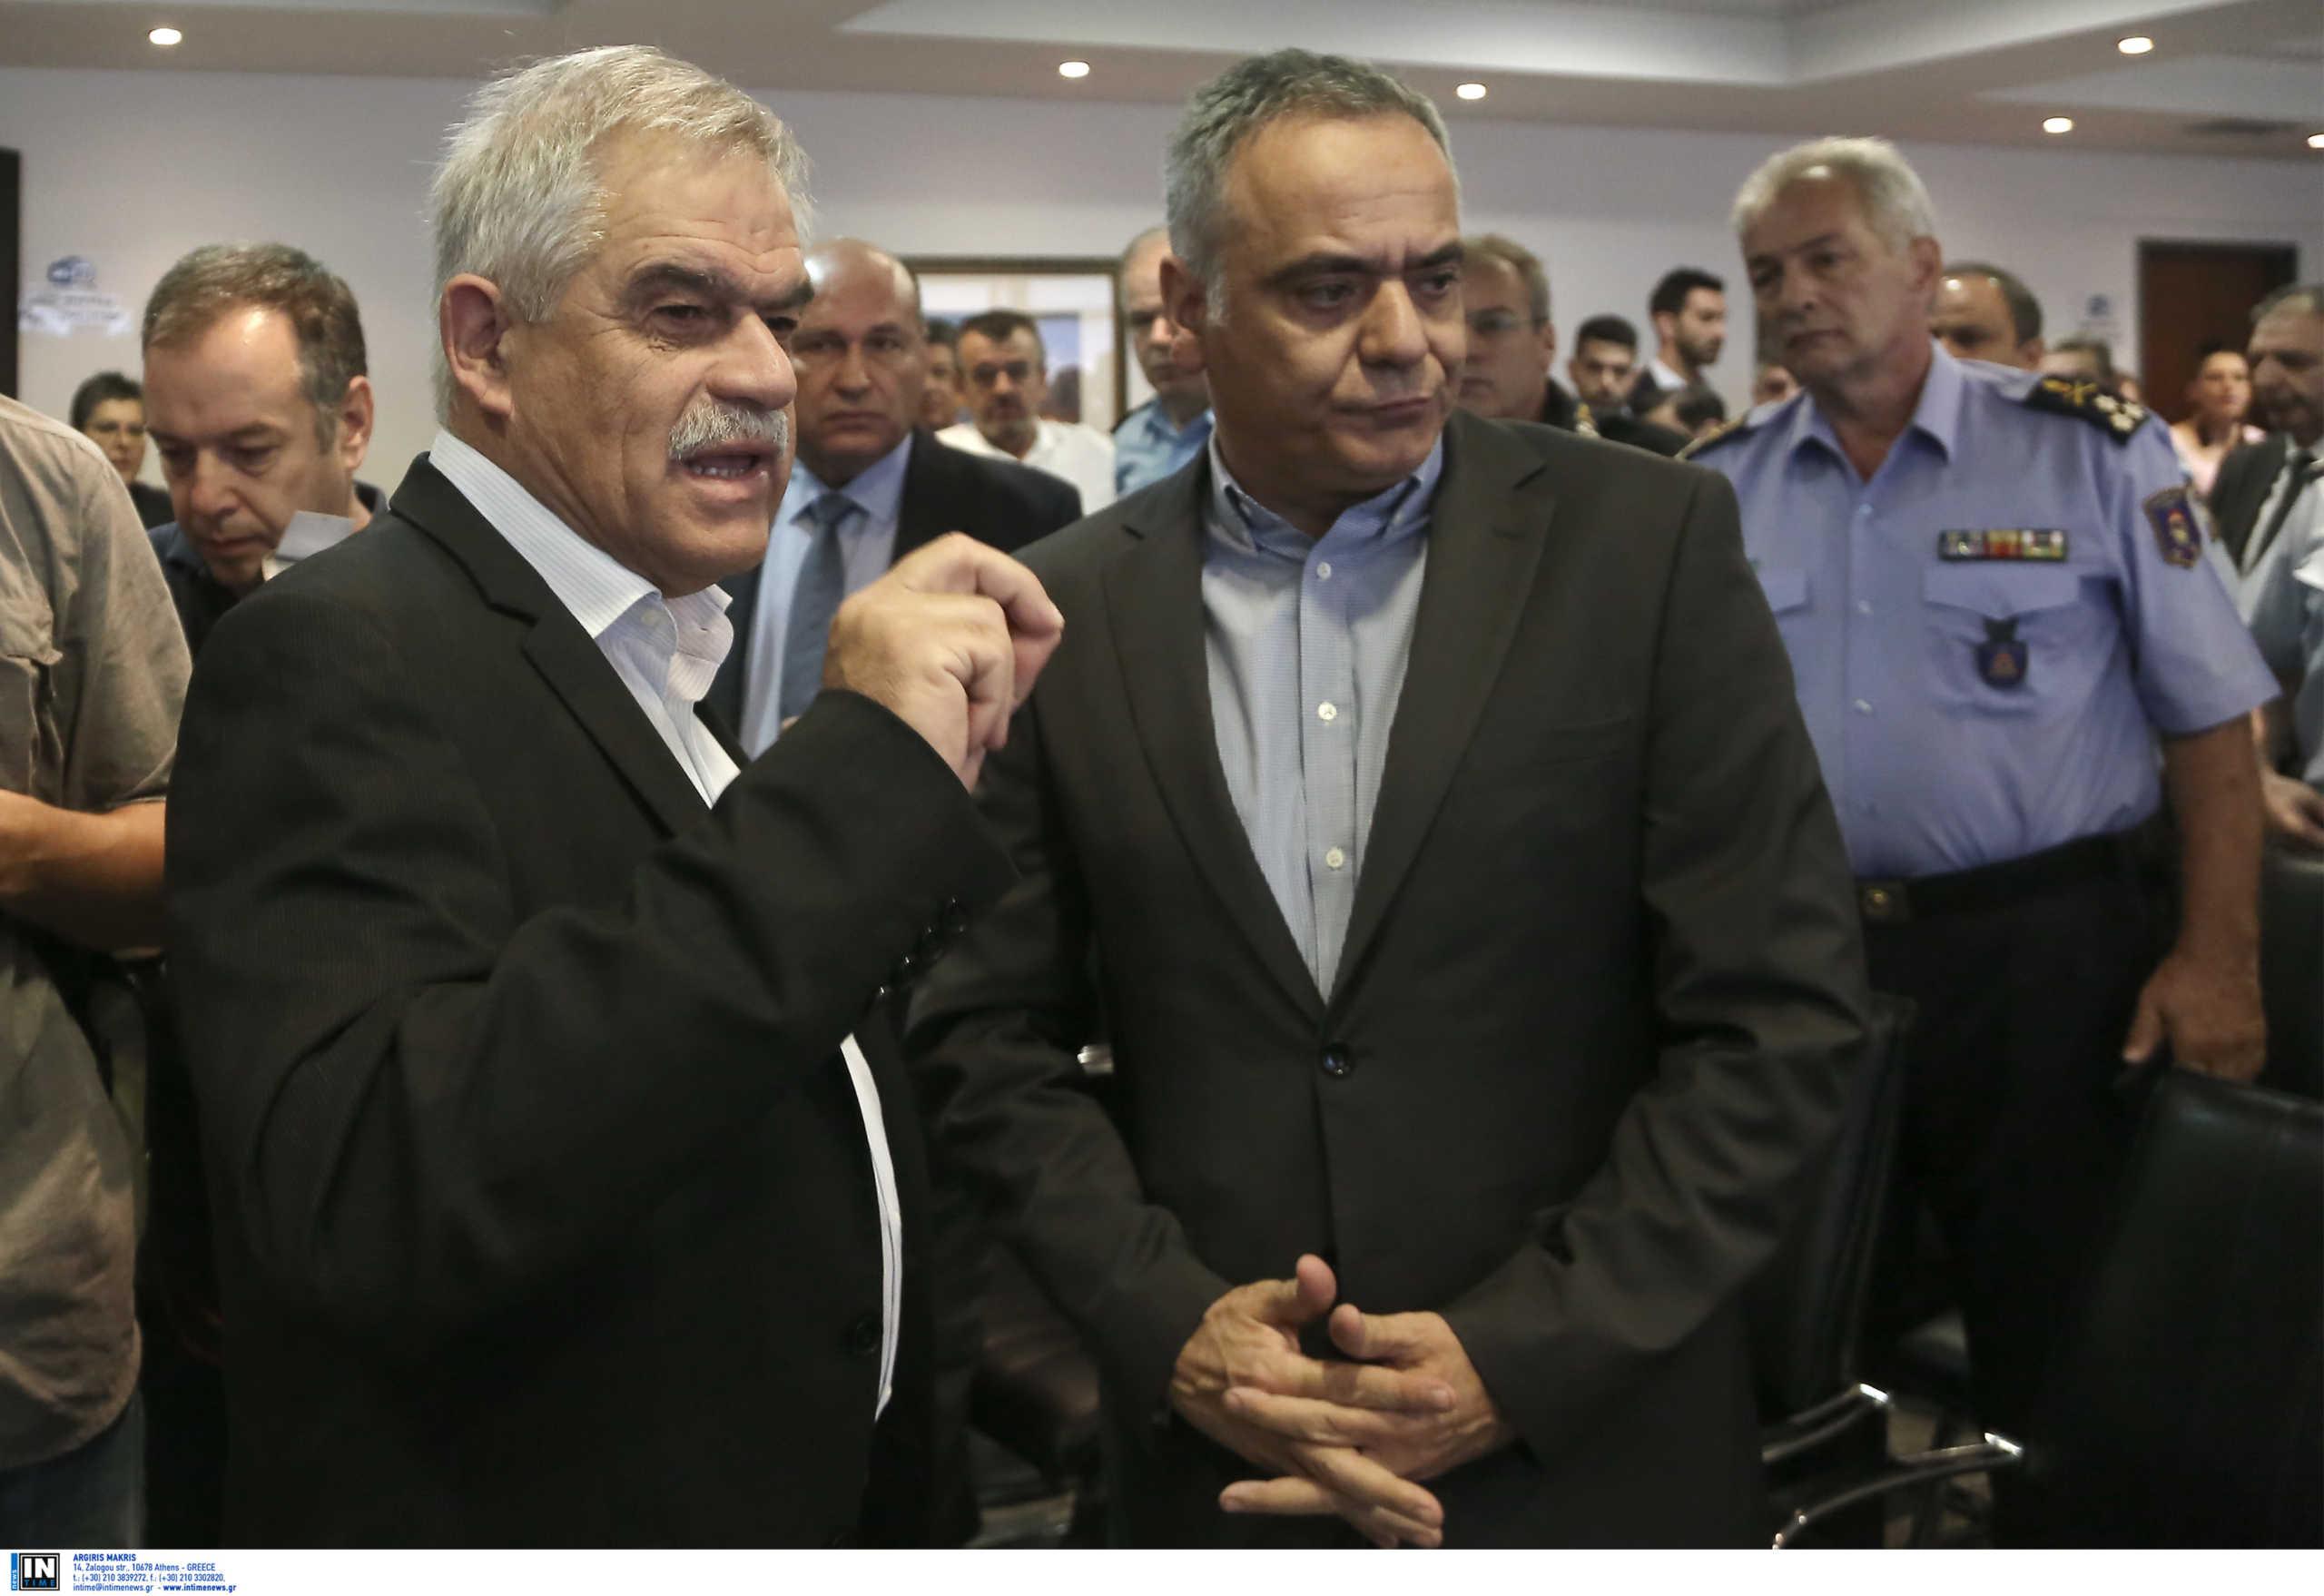 Τα τρία «δεν» που είπαν στις καταθέσεις οι υπουργοί που χειρίστηκαν την φονική πυρκαγιά στο Μάτι